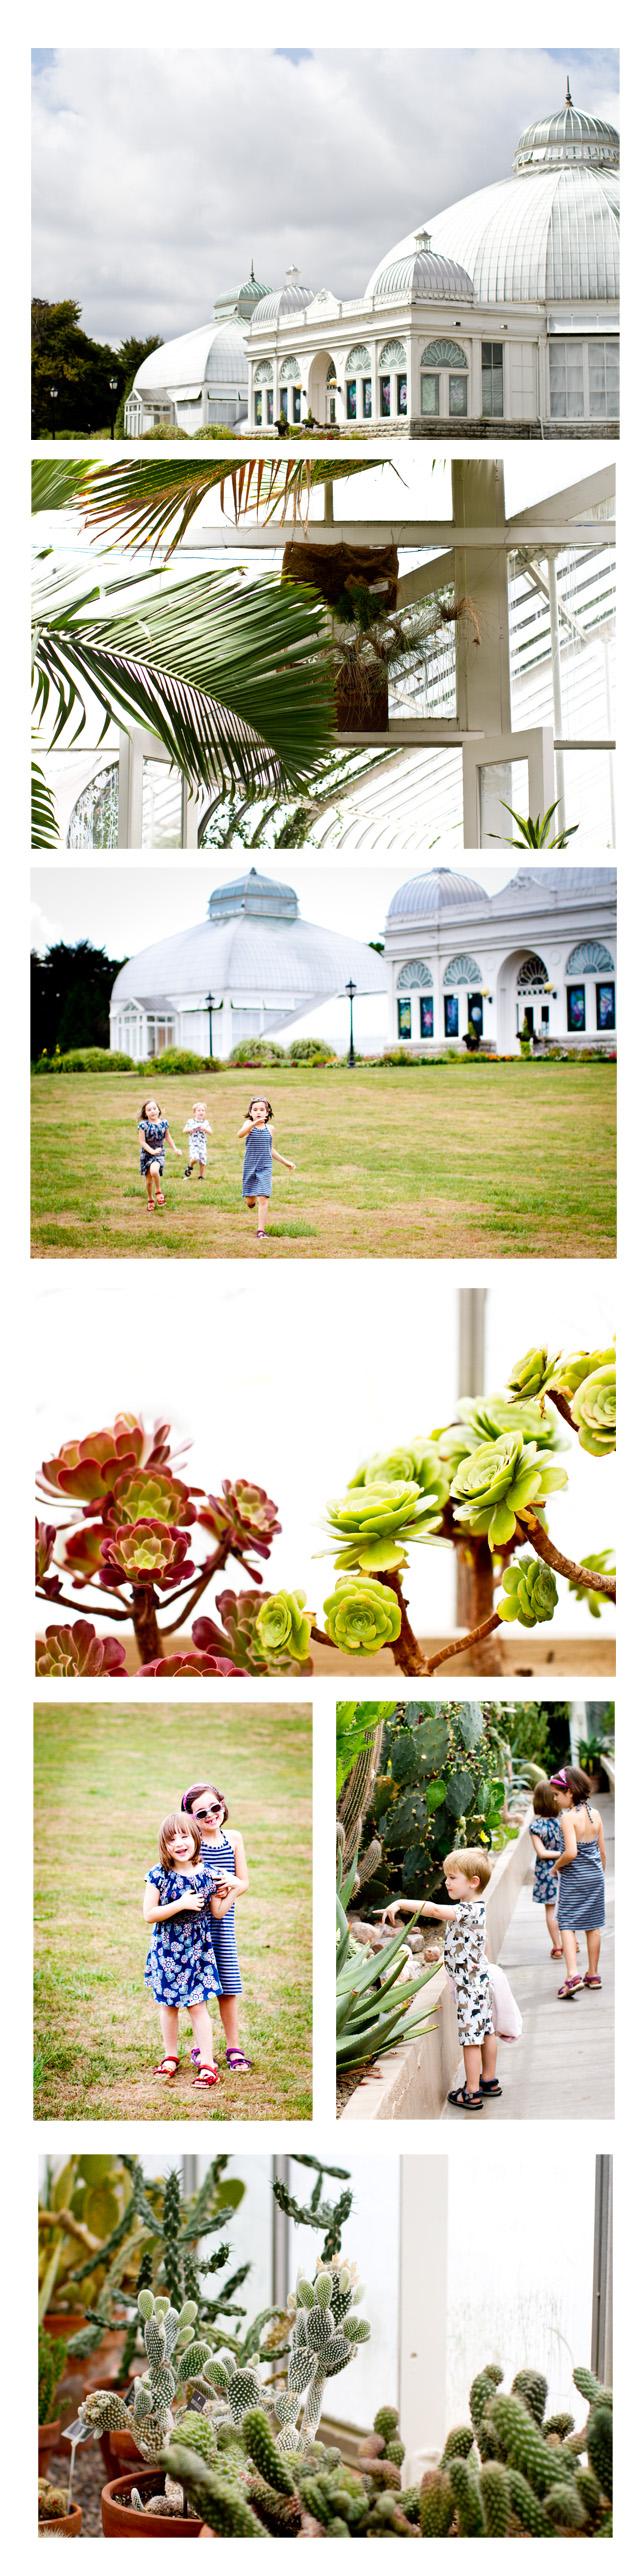 botanicgardens1